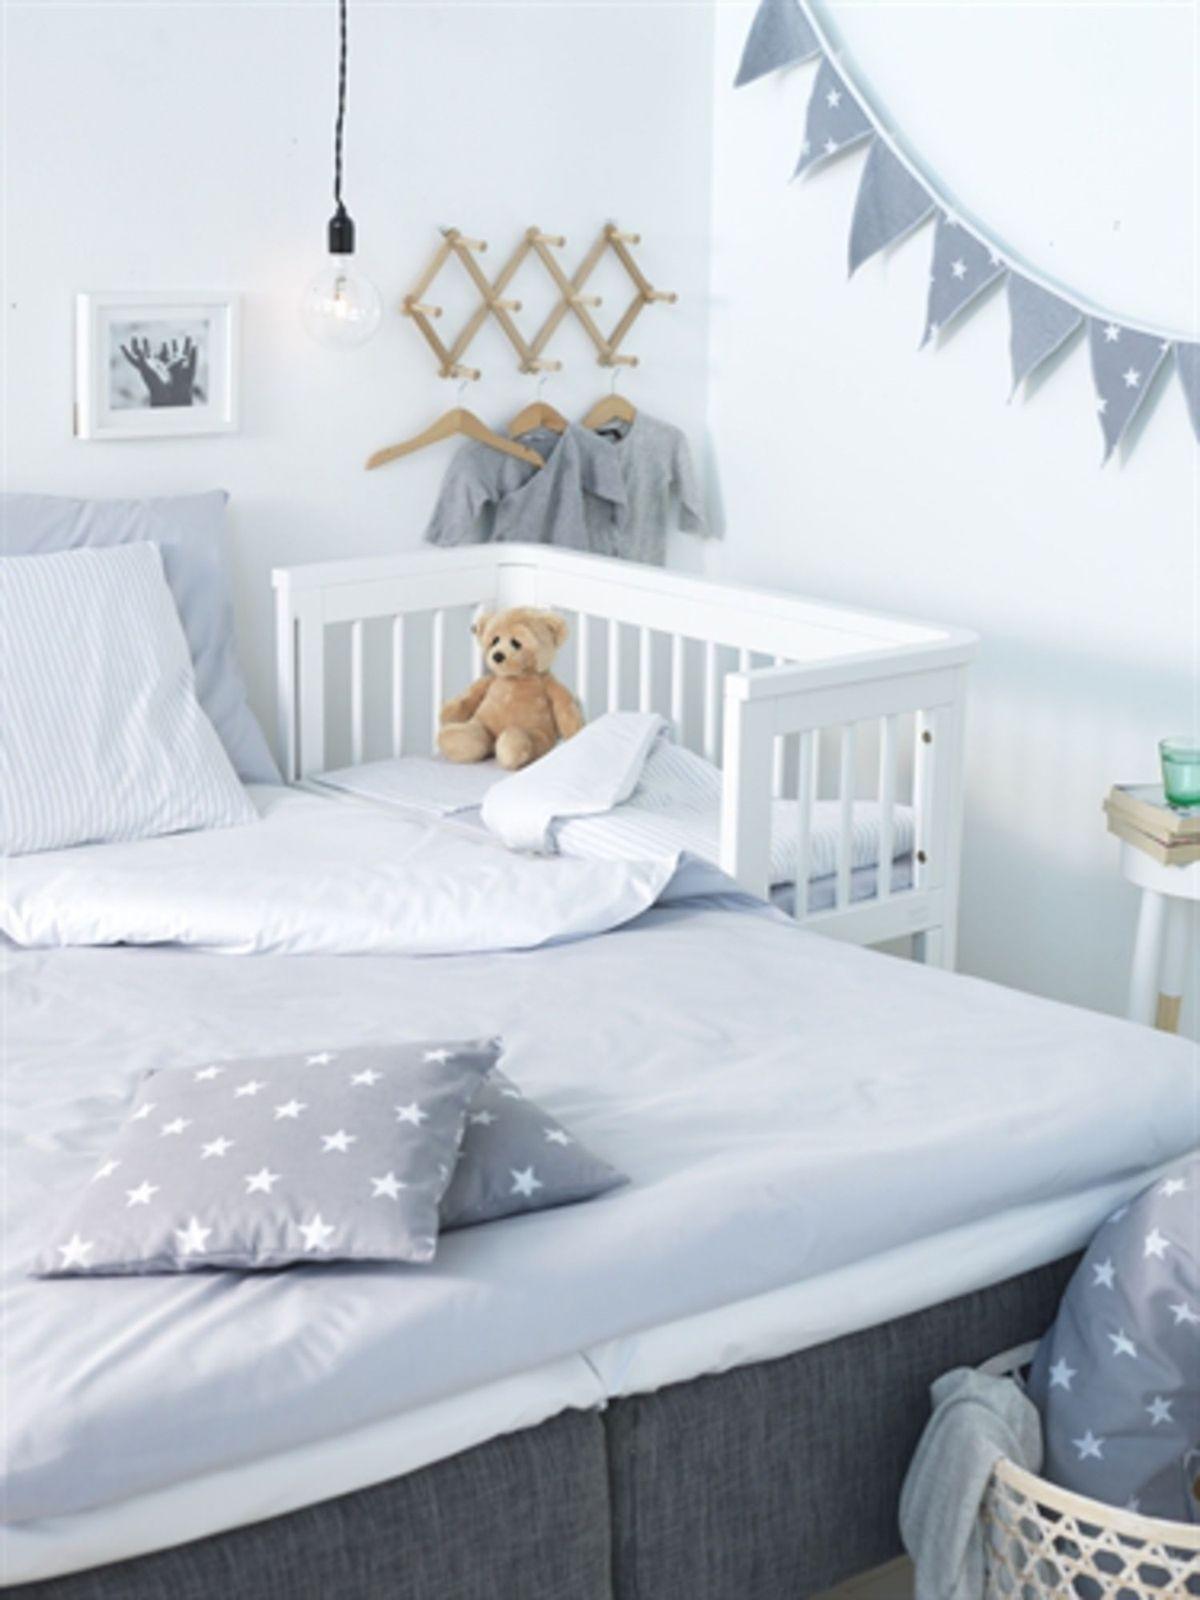 Girls Trolls Bedroom: Bedside Crib, Baby Cribs